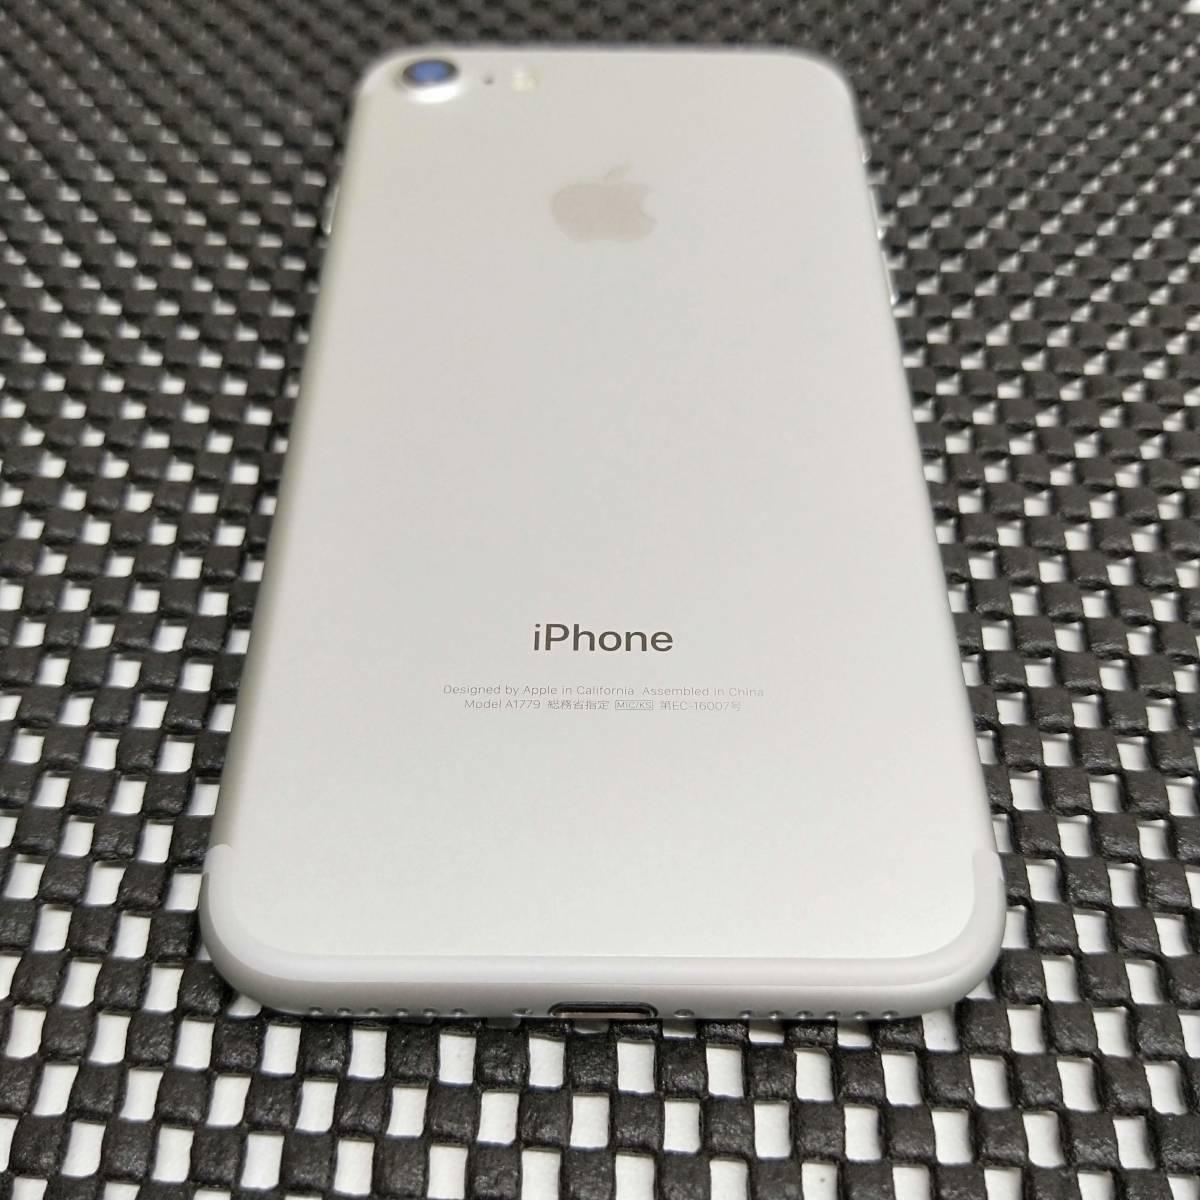 【未使用品】SB版 iPhone 7 32GB Silver <本体のみ> #063_画像6